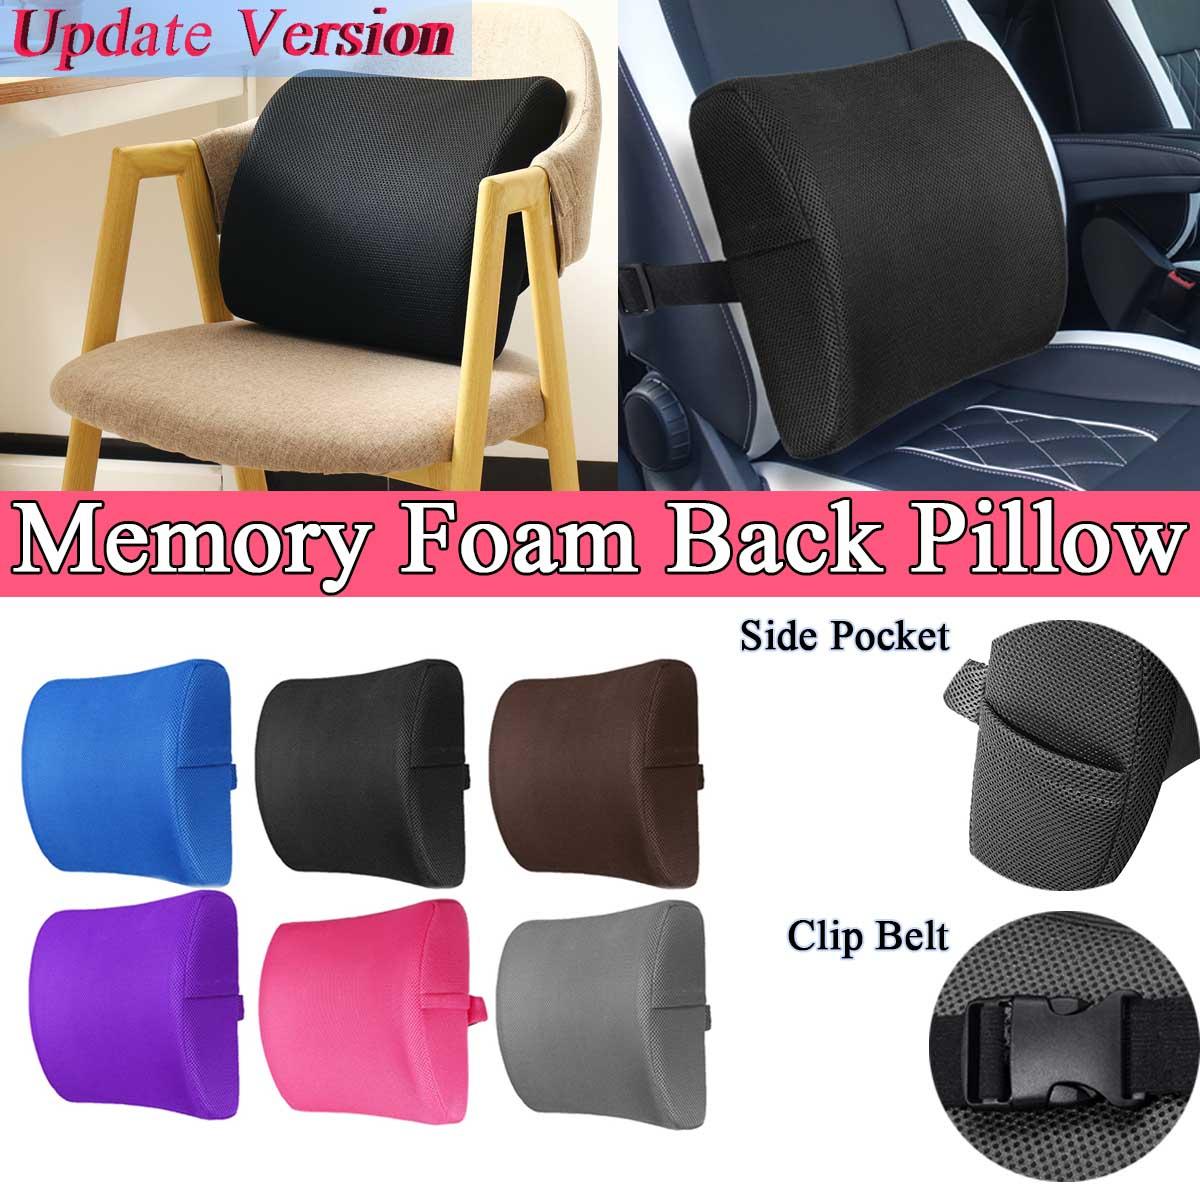 6 cor macio espuma de memória assento de carro almofadas inverno apoio lombar volta massageador cintura almofada para cadeiras escritório em casa aliviar a dor